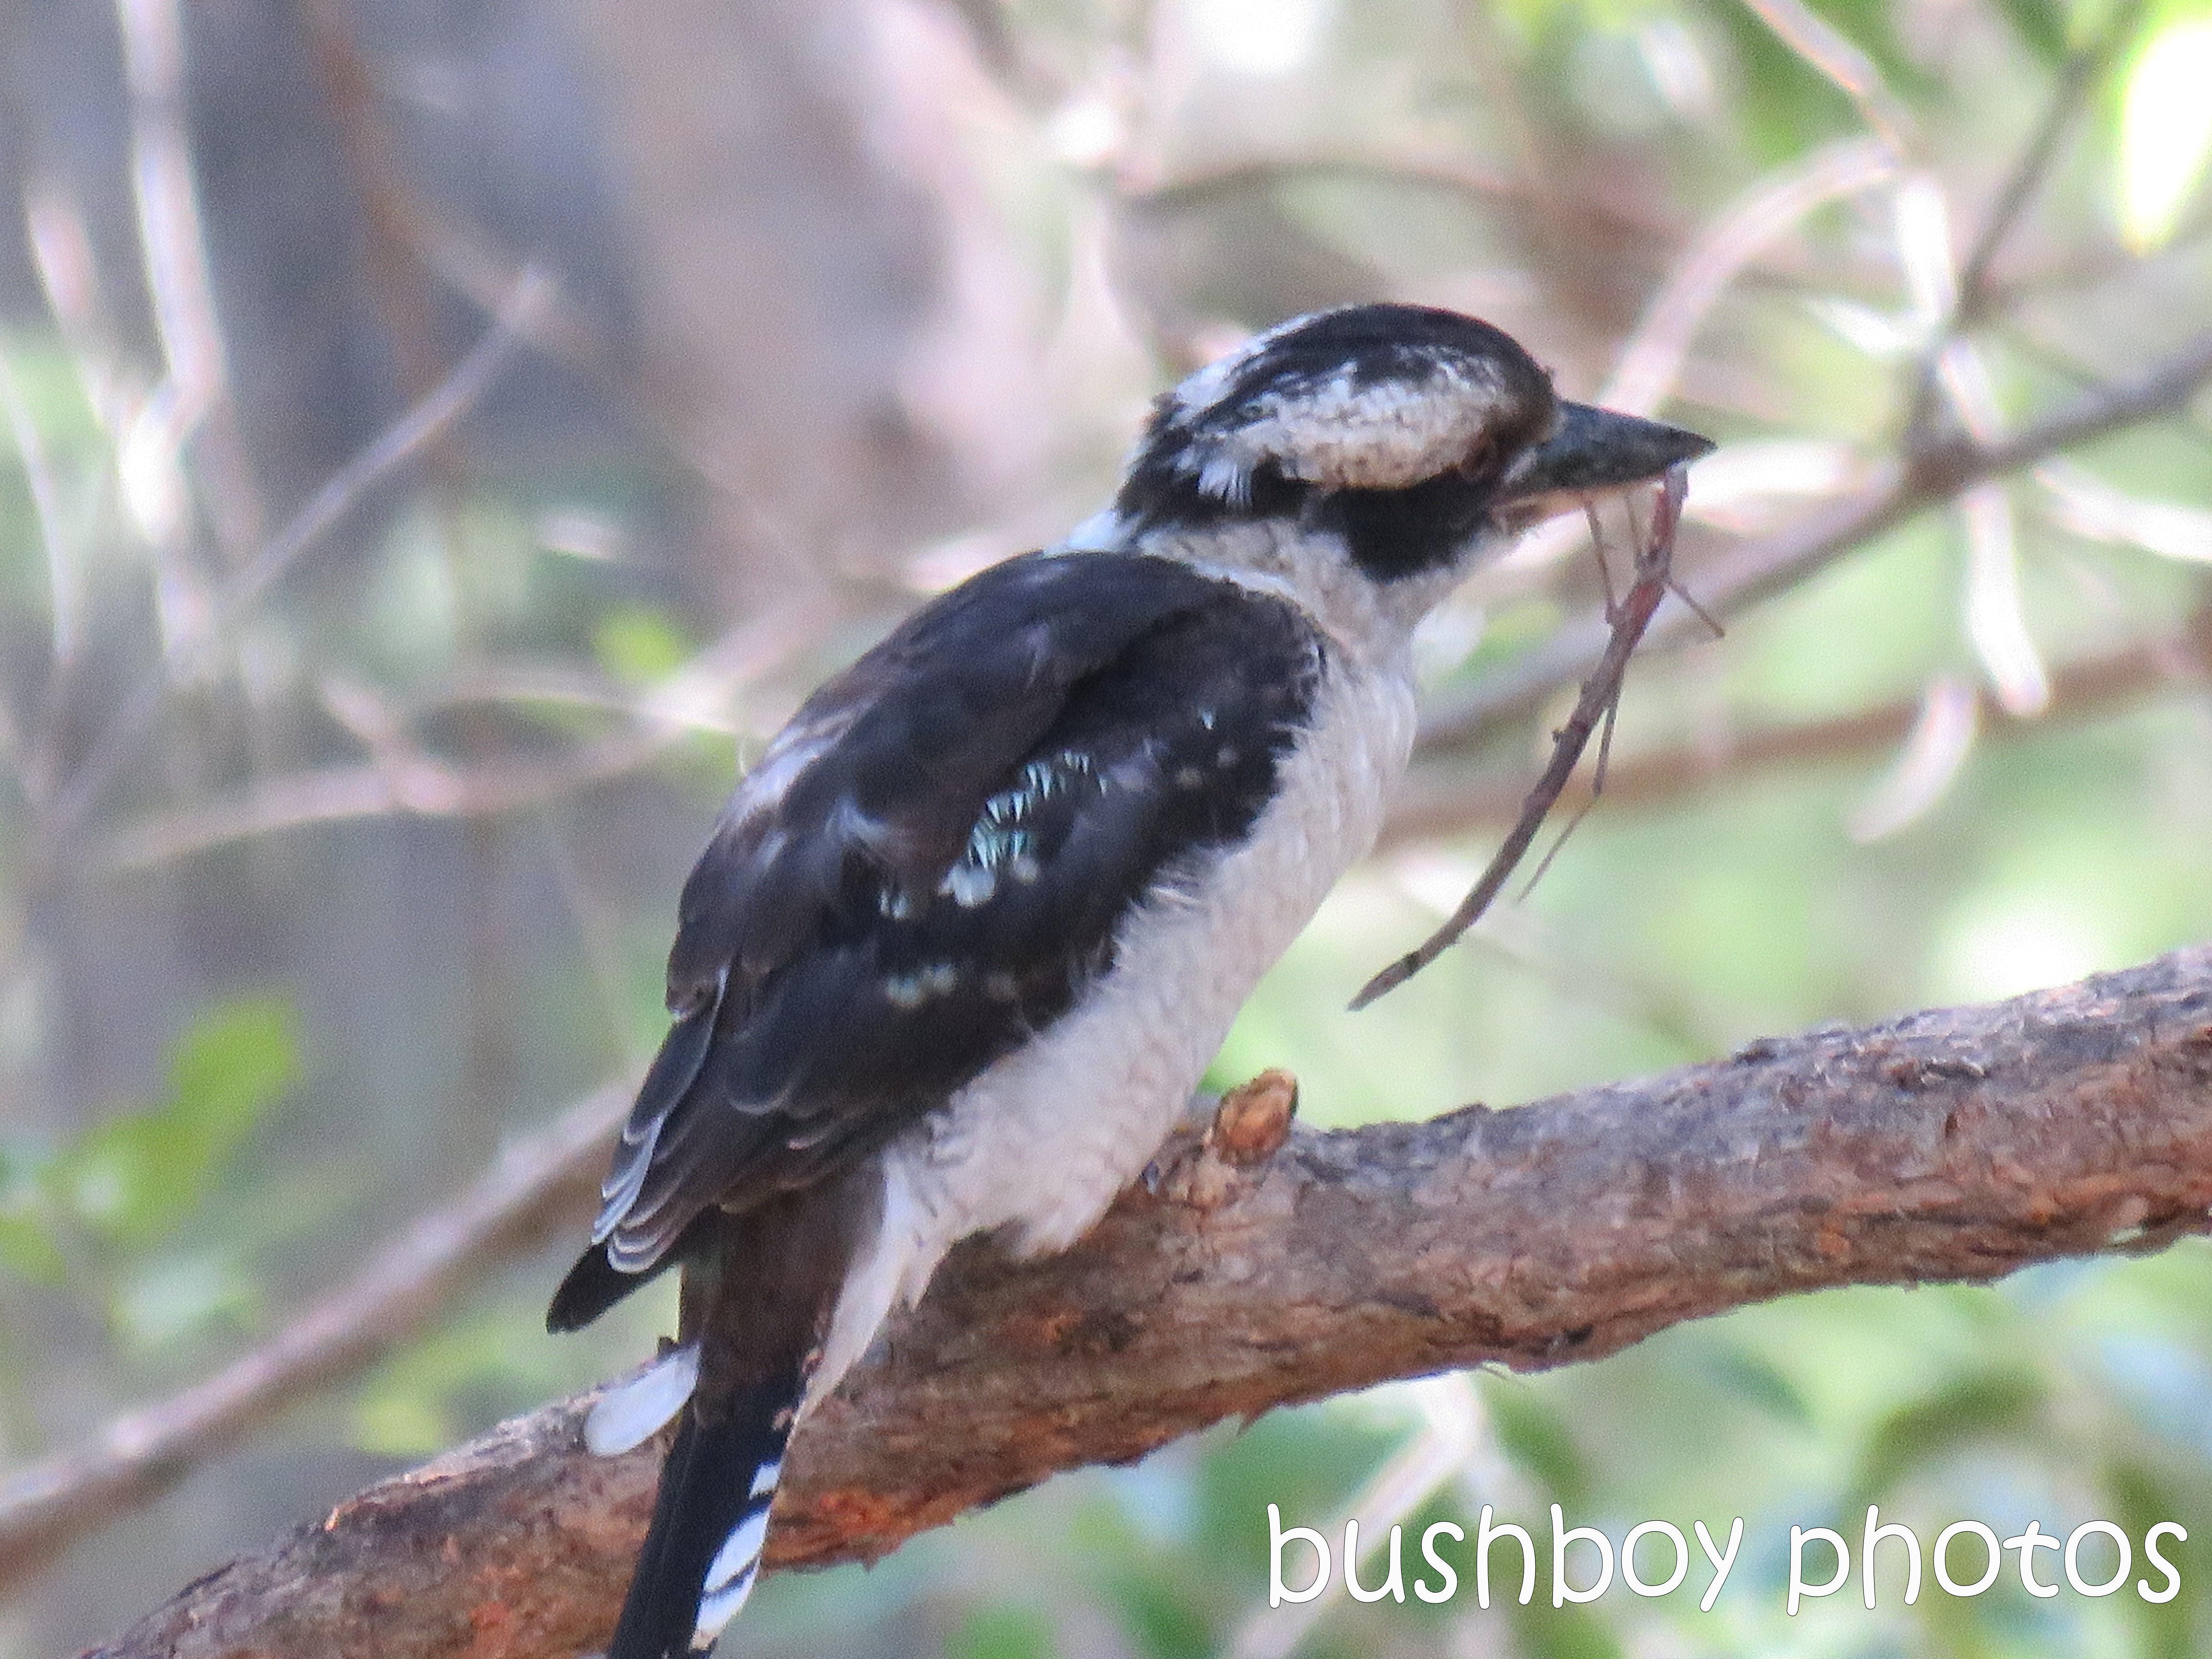 blog_feeding-kookaburra02_home_jan-2017